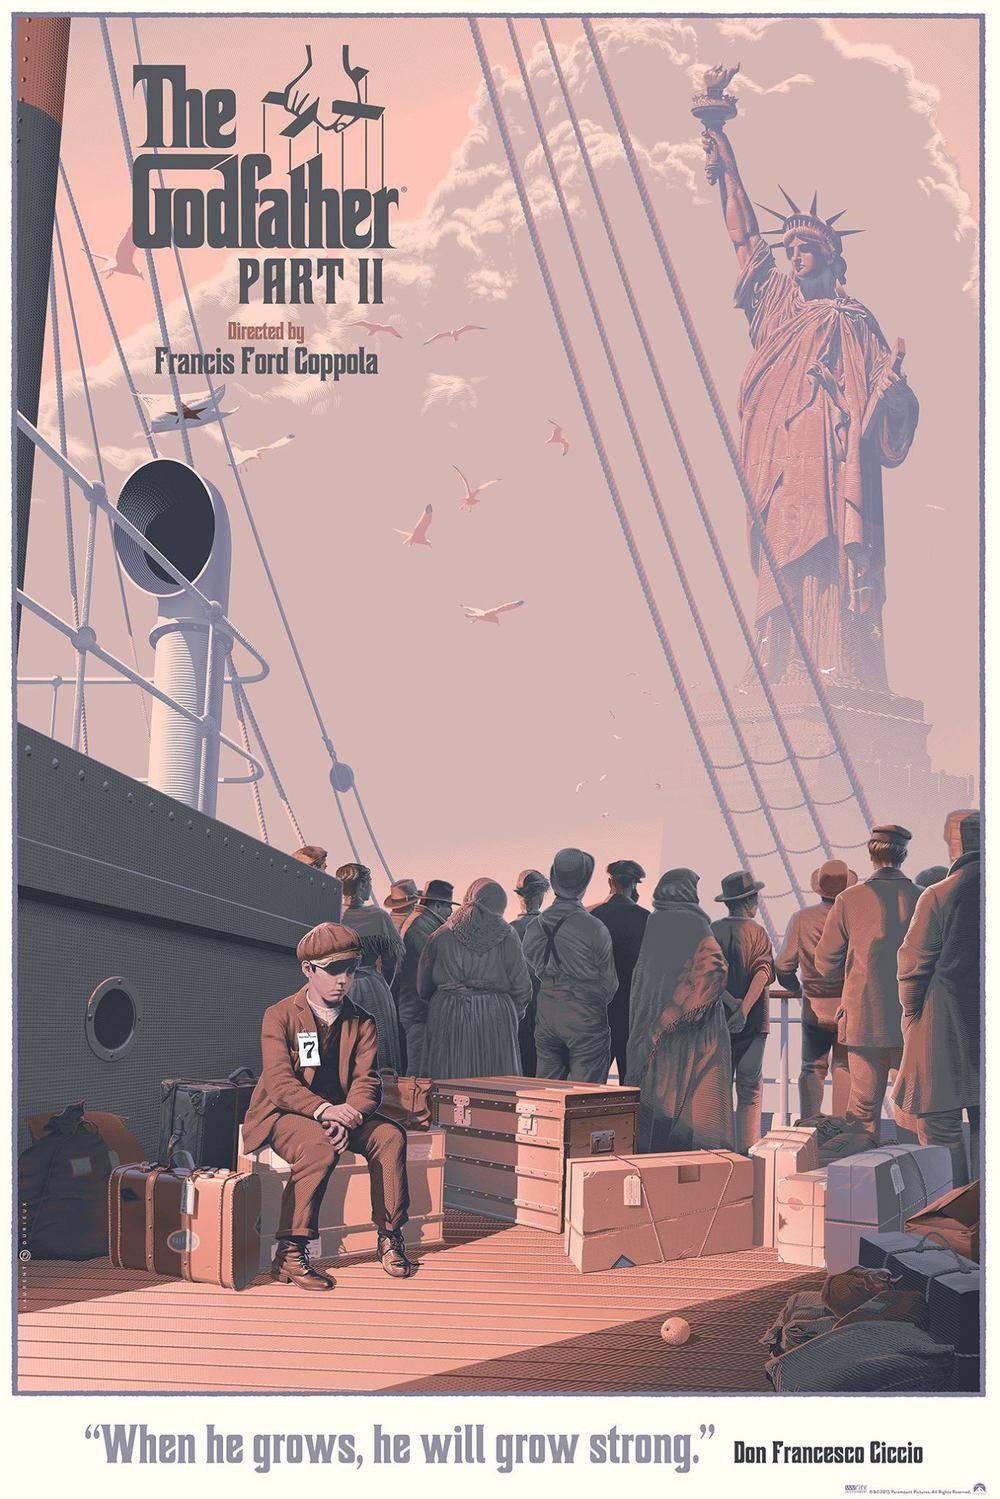 posters-et-illustrations-le-fabuleux-travail-de-laurent-durieux